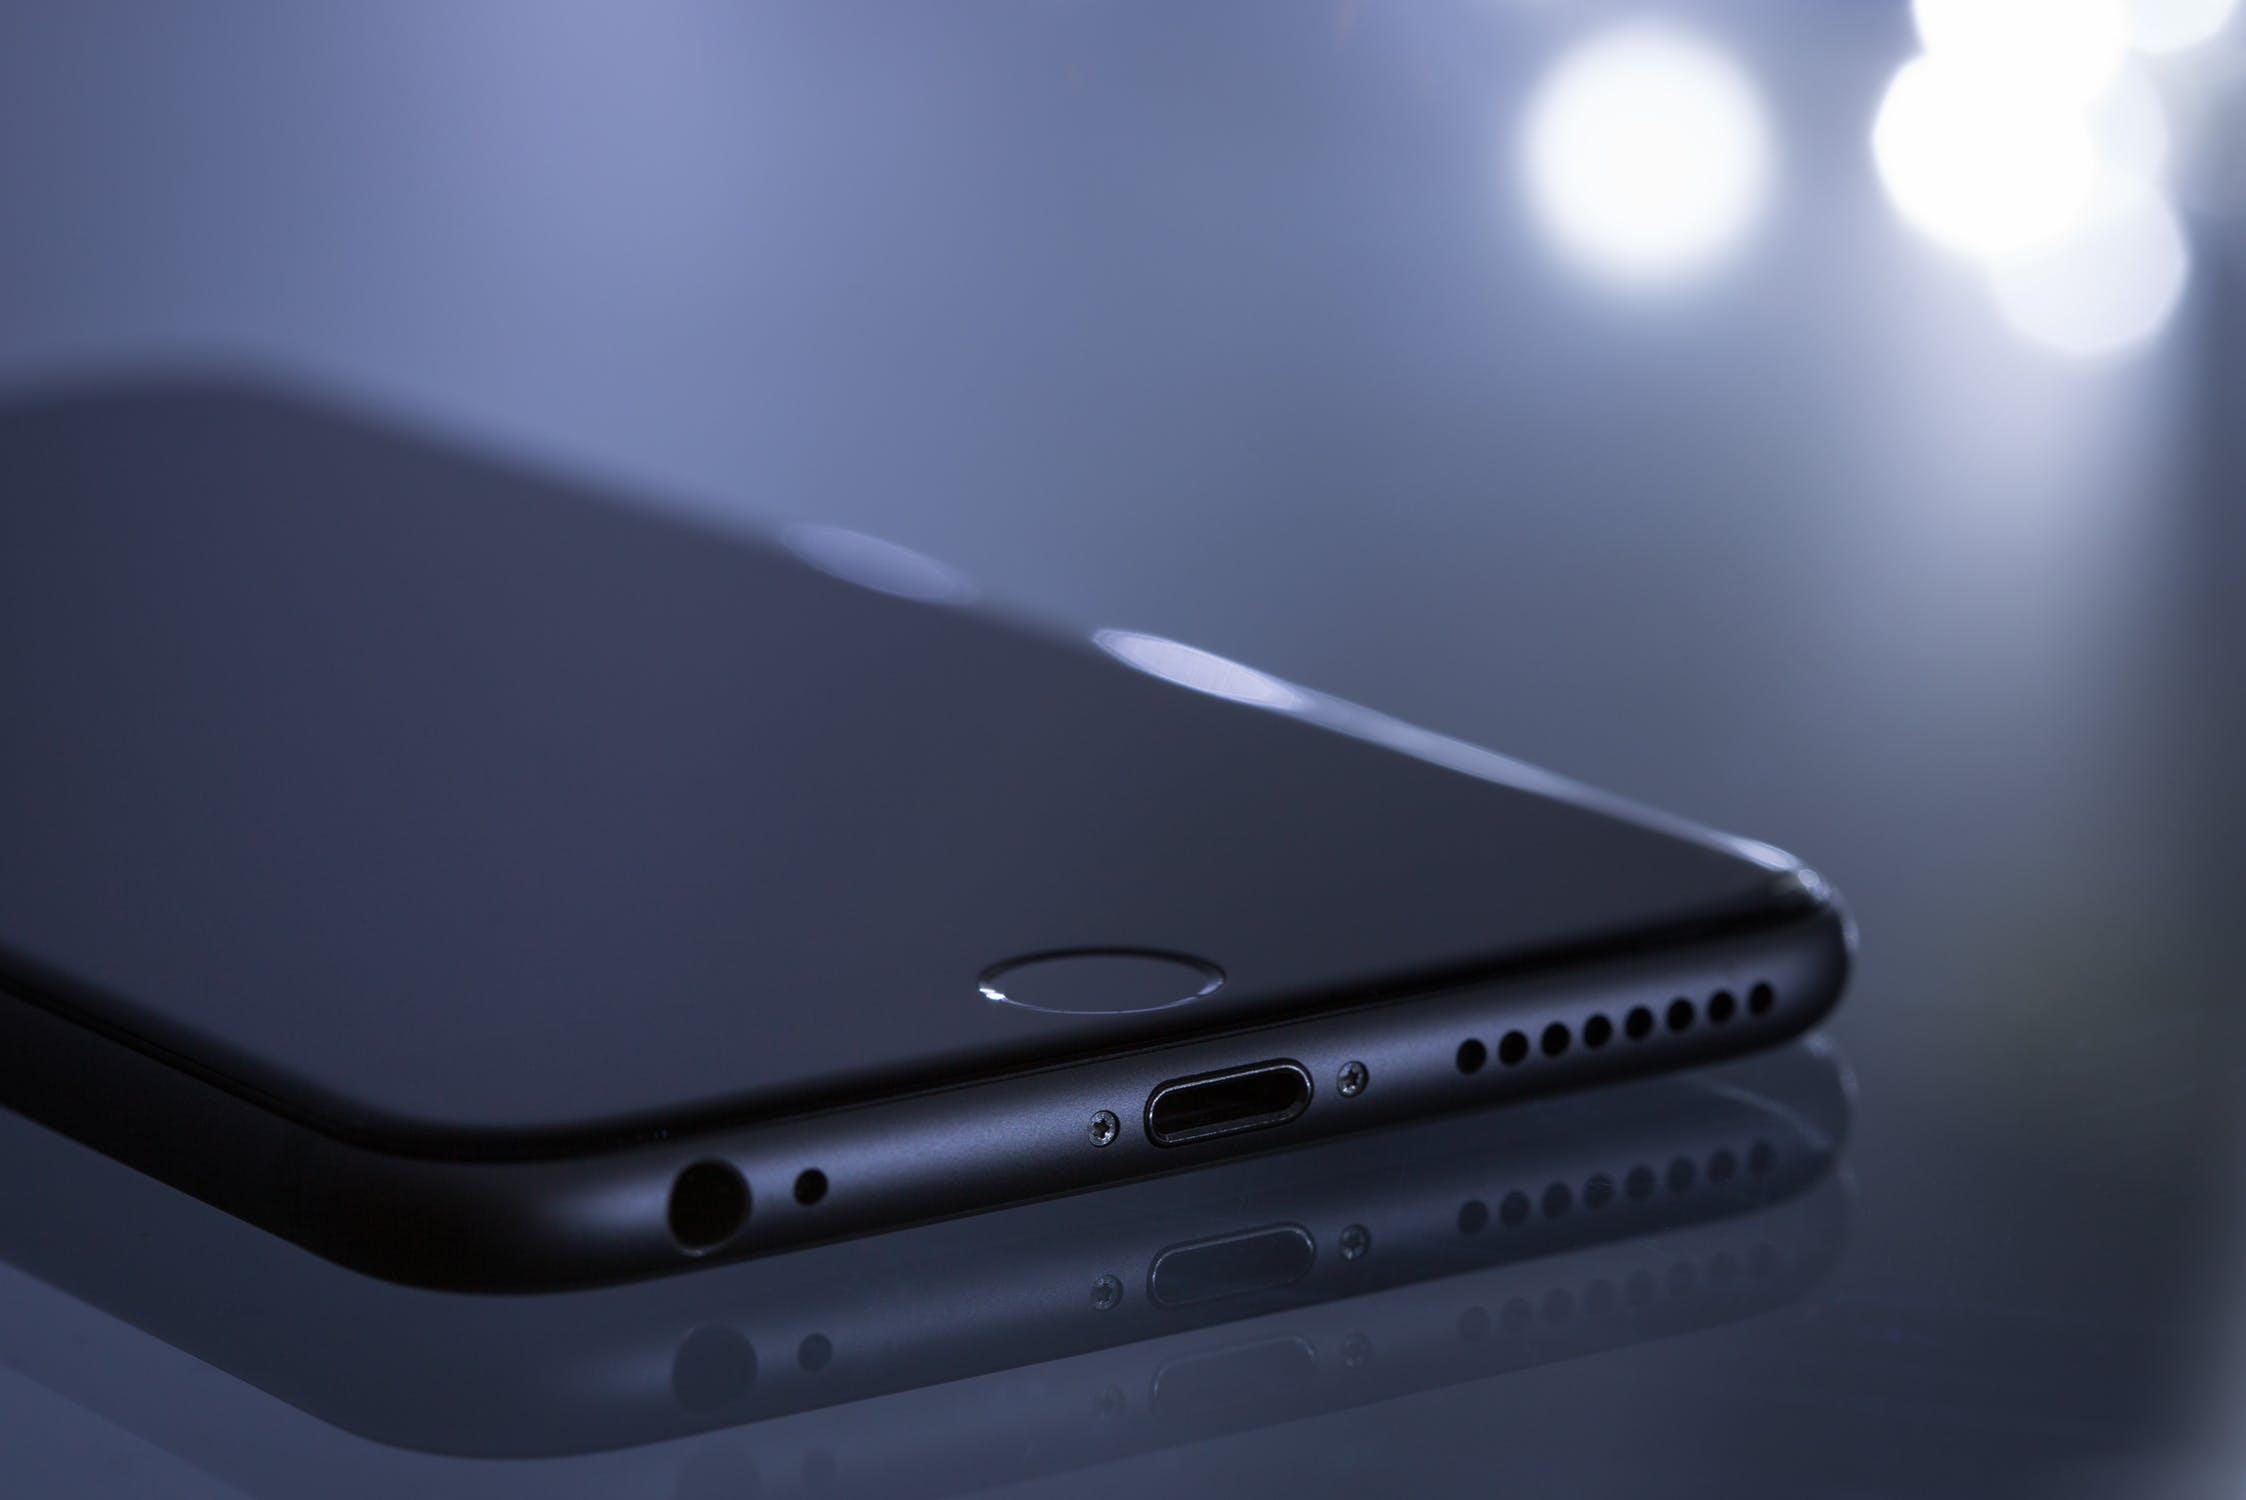 大摩预计苹果下一财年利润降23%,为啥大家都不看好苹果?